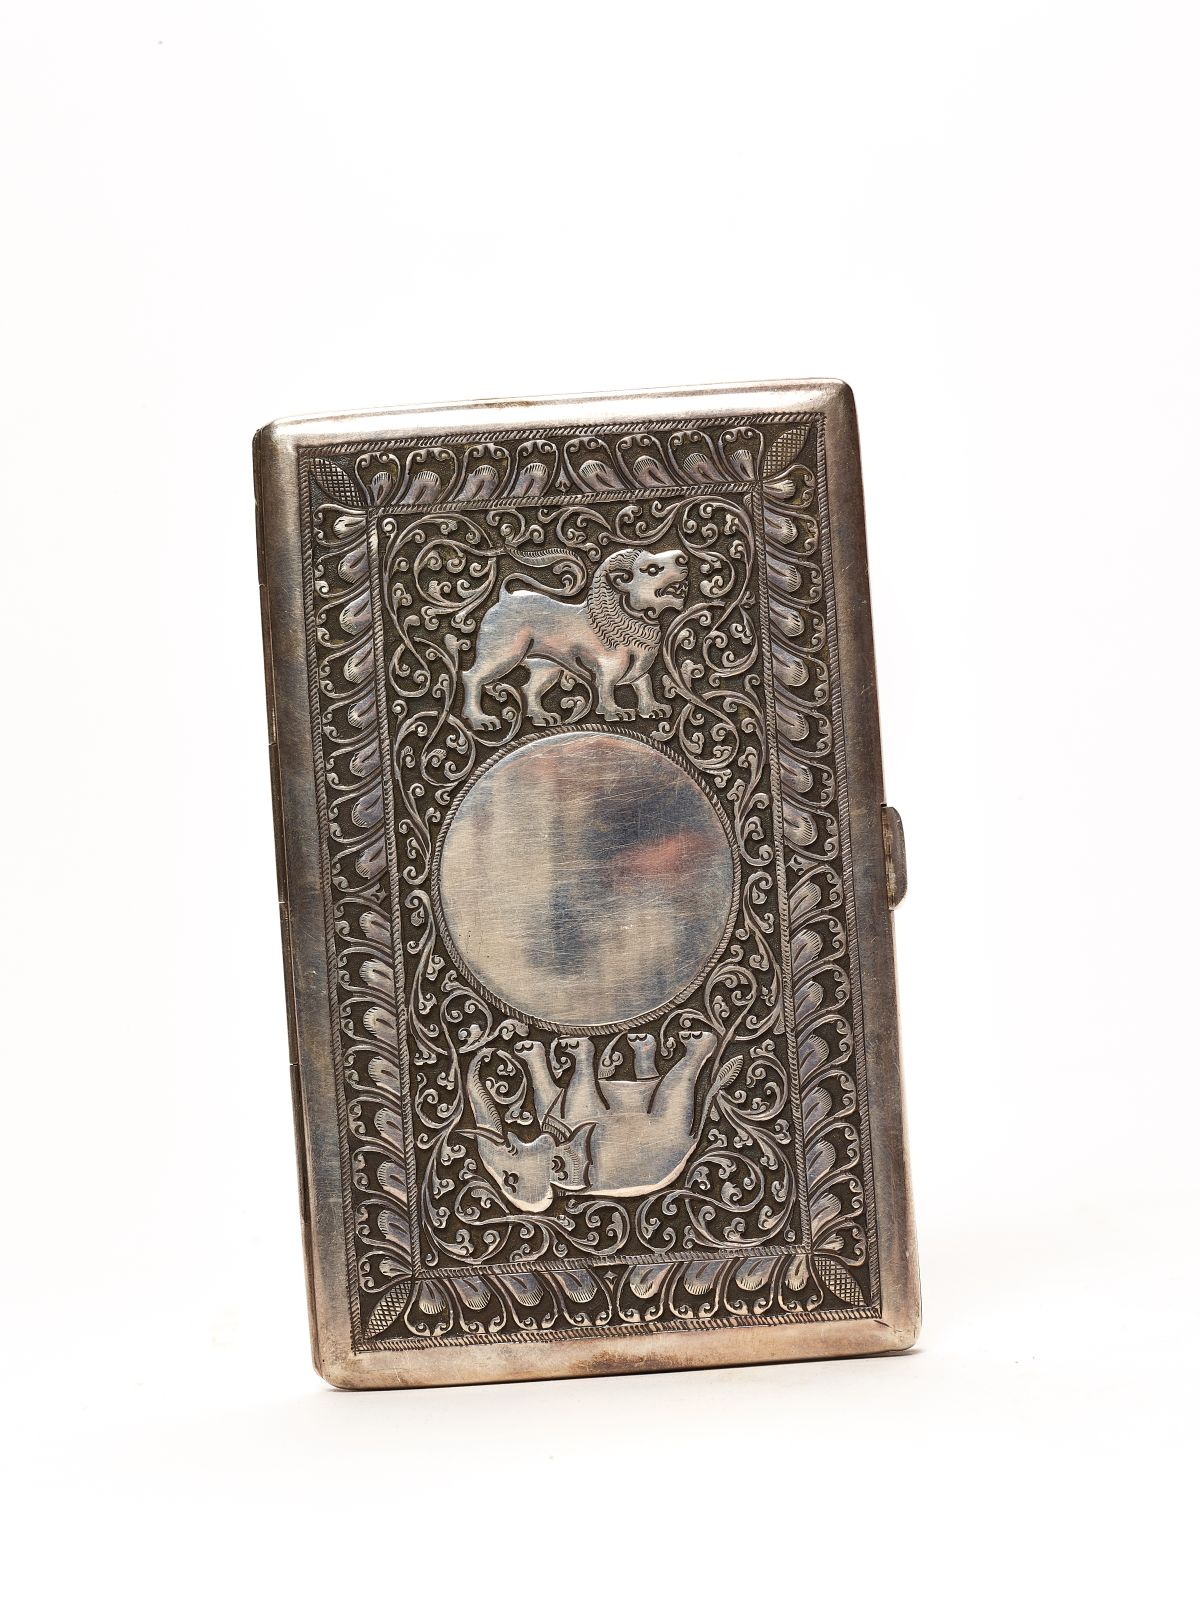 #78 Thai Embossed and Engraved Silver Cigarette Box | Thailändisch geprägte und gravierte silberne Zigarettenschachtel Image